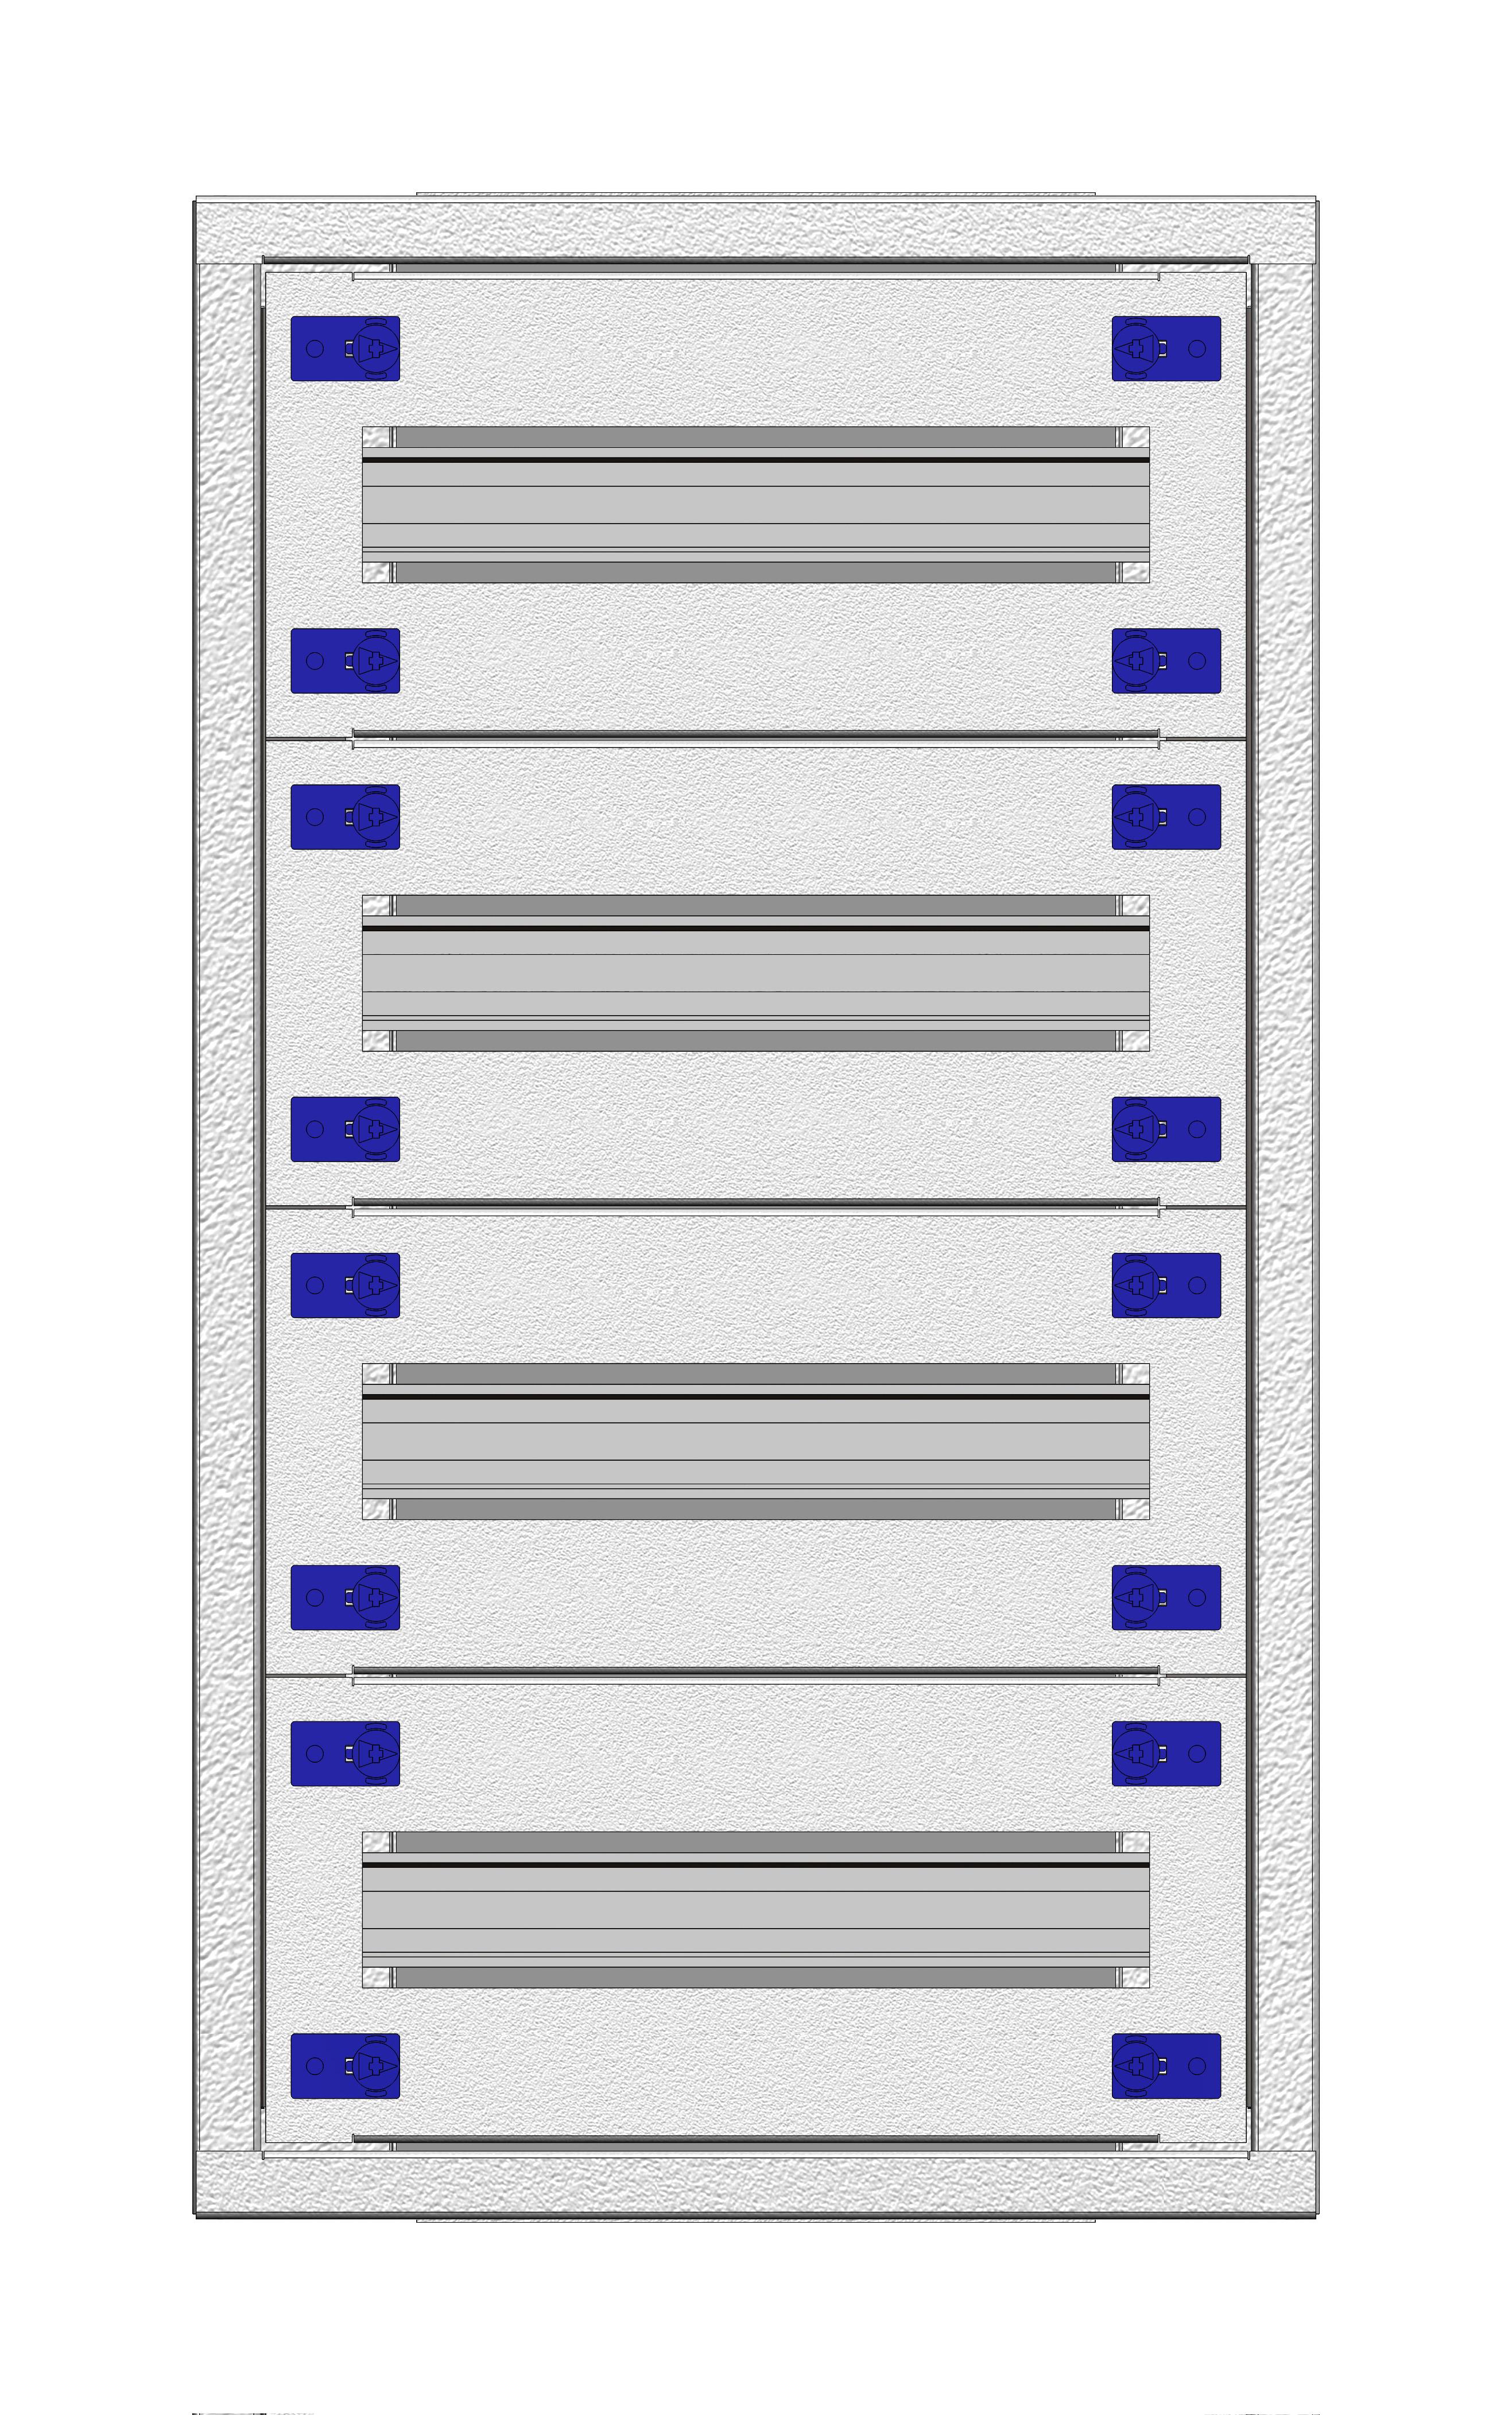 1 Stk Installationsverteiler Einsatz 1-12L, 4-reihig, Kunststoff IL149112--